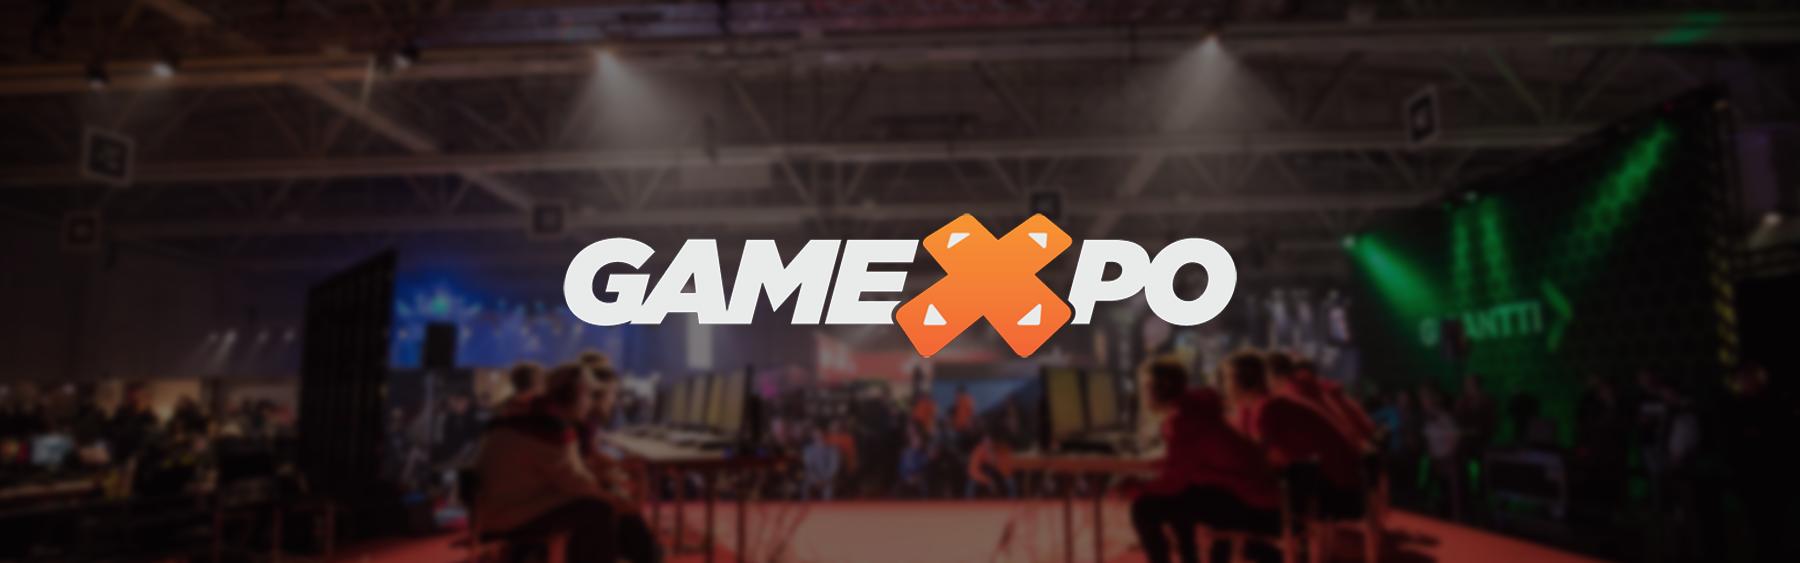 Gamexpo 2021